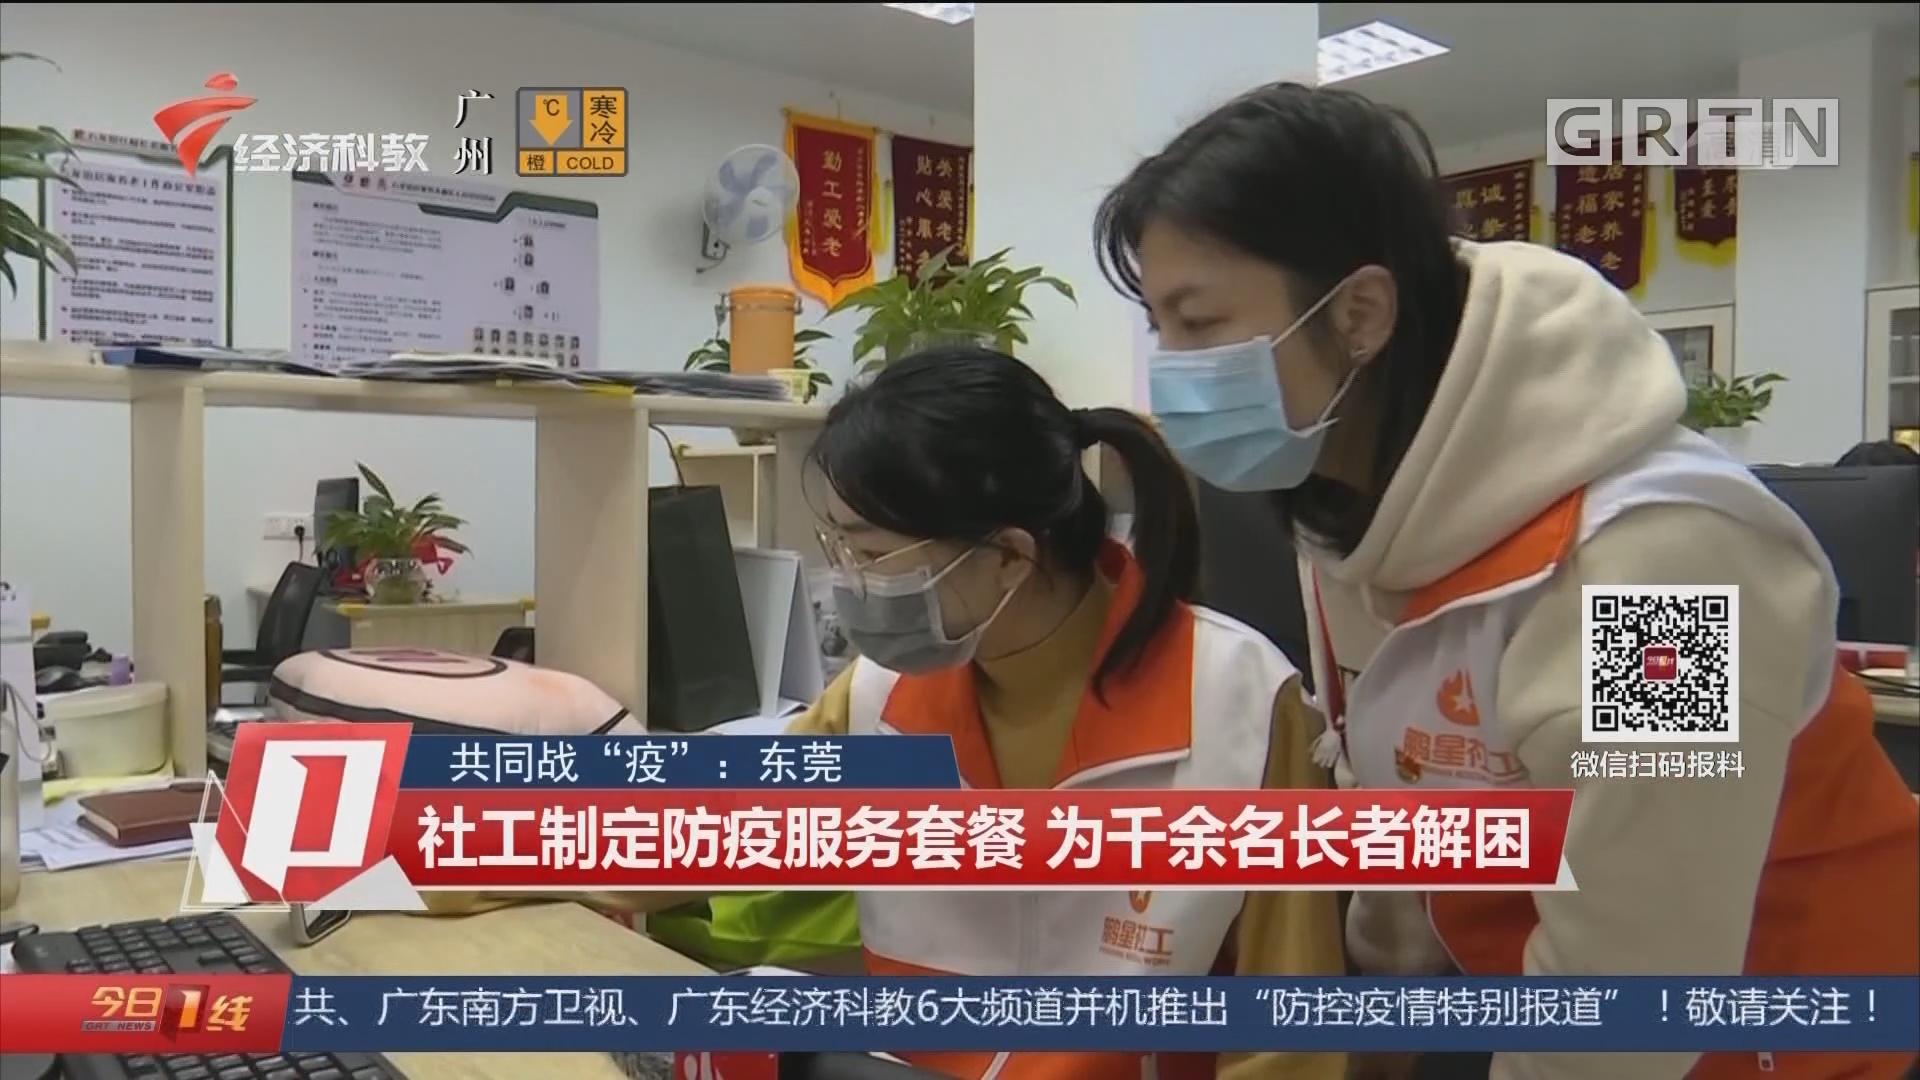 """共同战""""疫"""":东莞 社工制定防疫服务套餐 为千余名长者解困"""